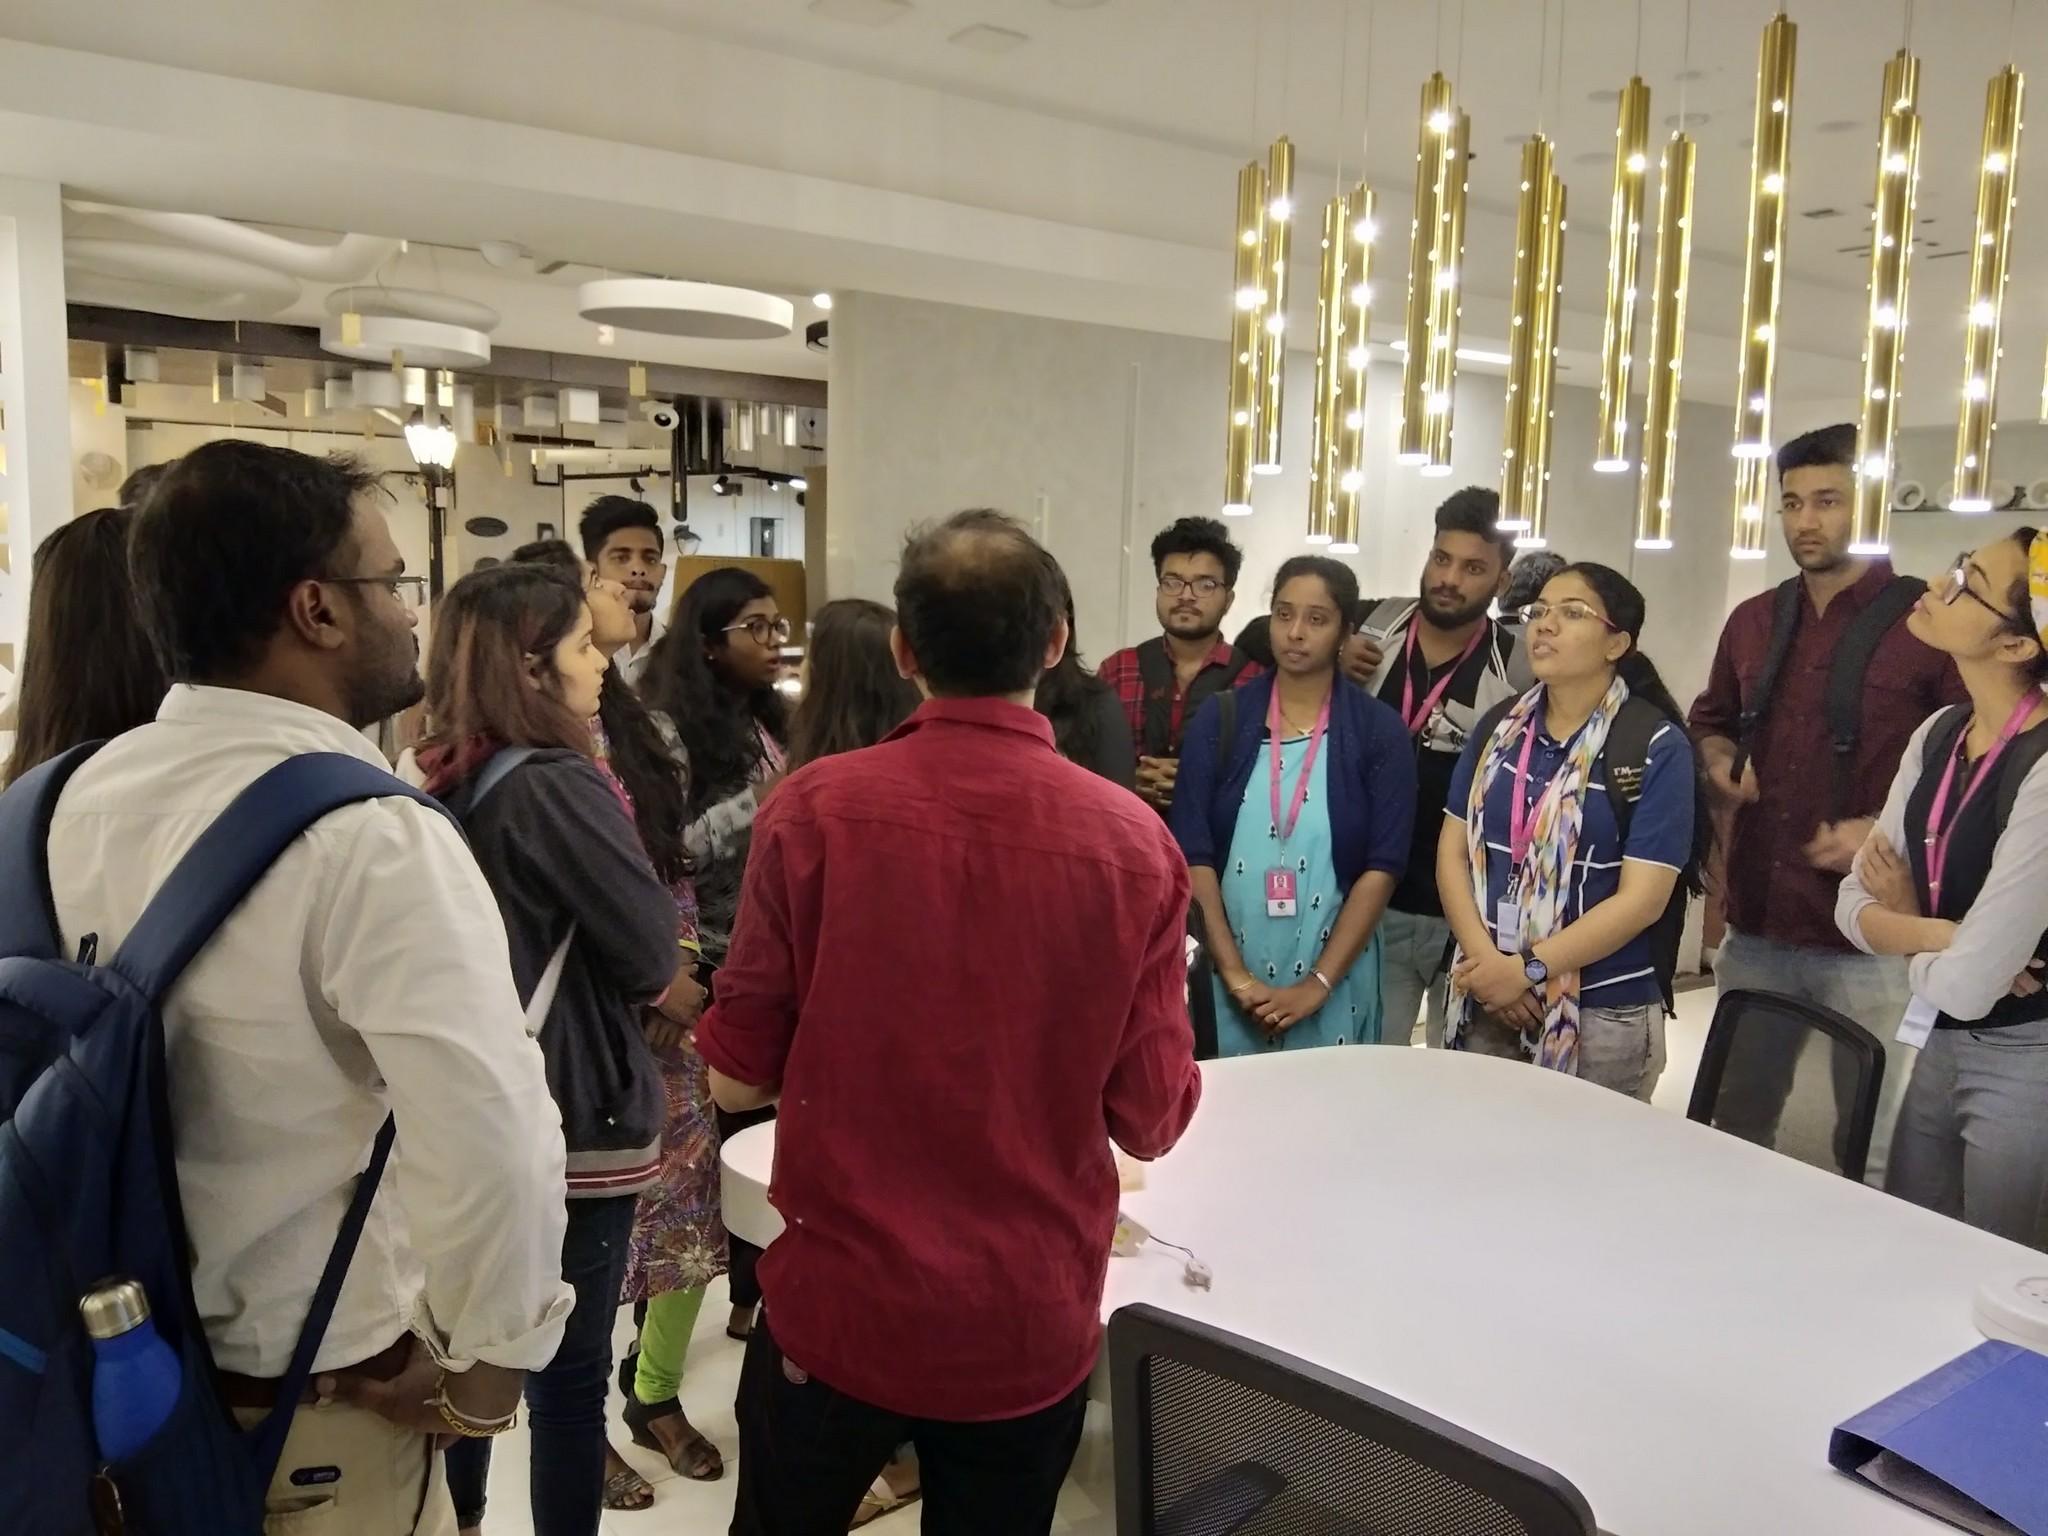 Prism Lights   Store Visit for Interior Design Students prism lights - prism light 1 - Prism Lights   Store Visit for Interior Design Students